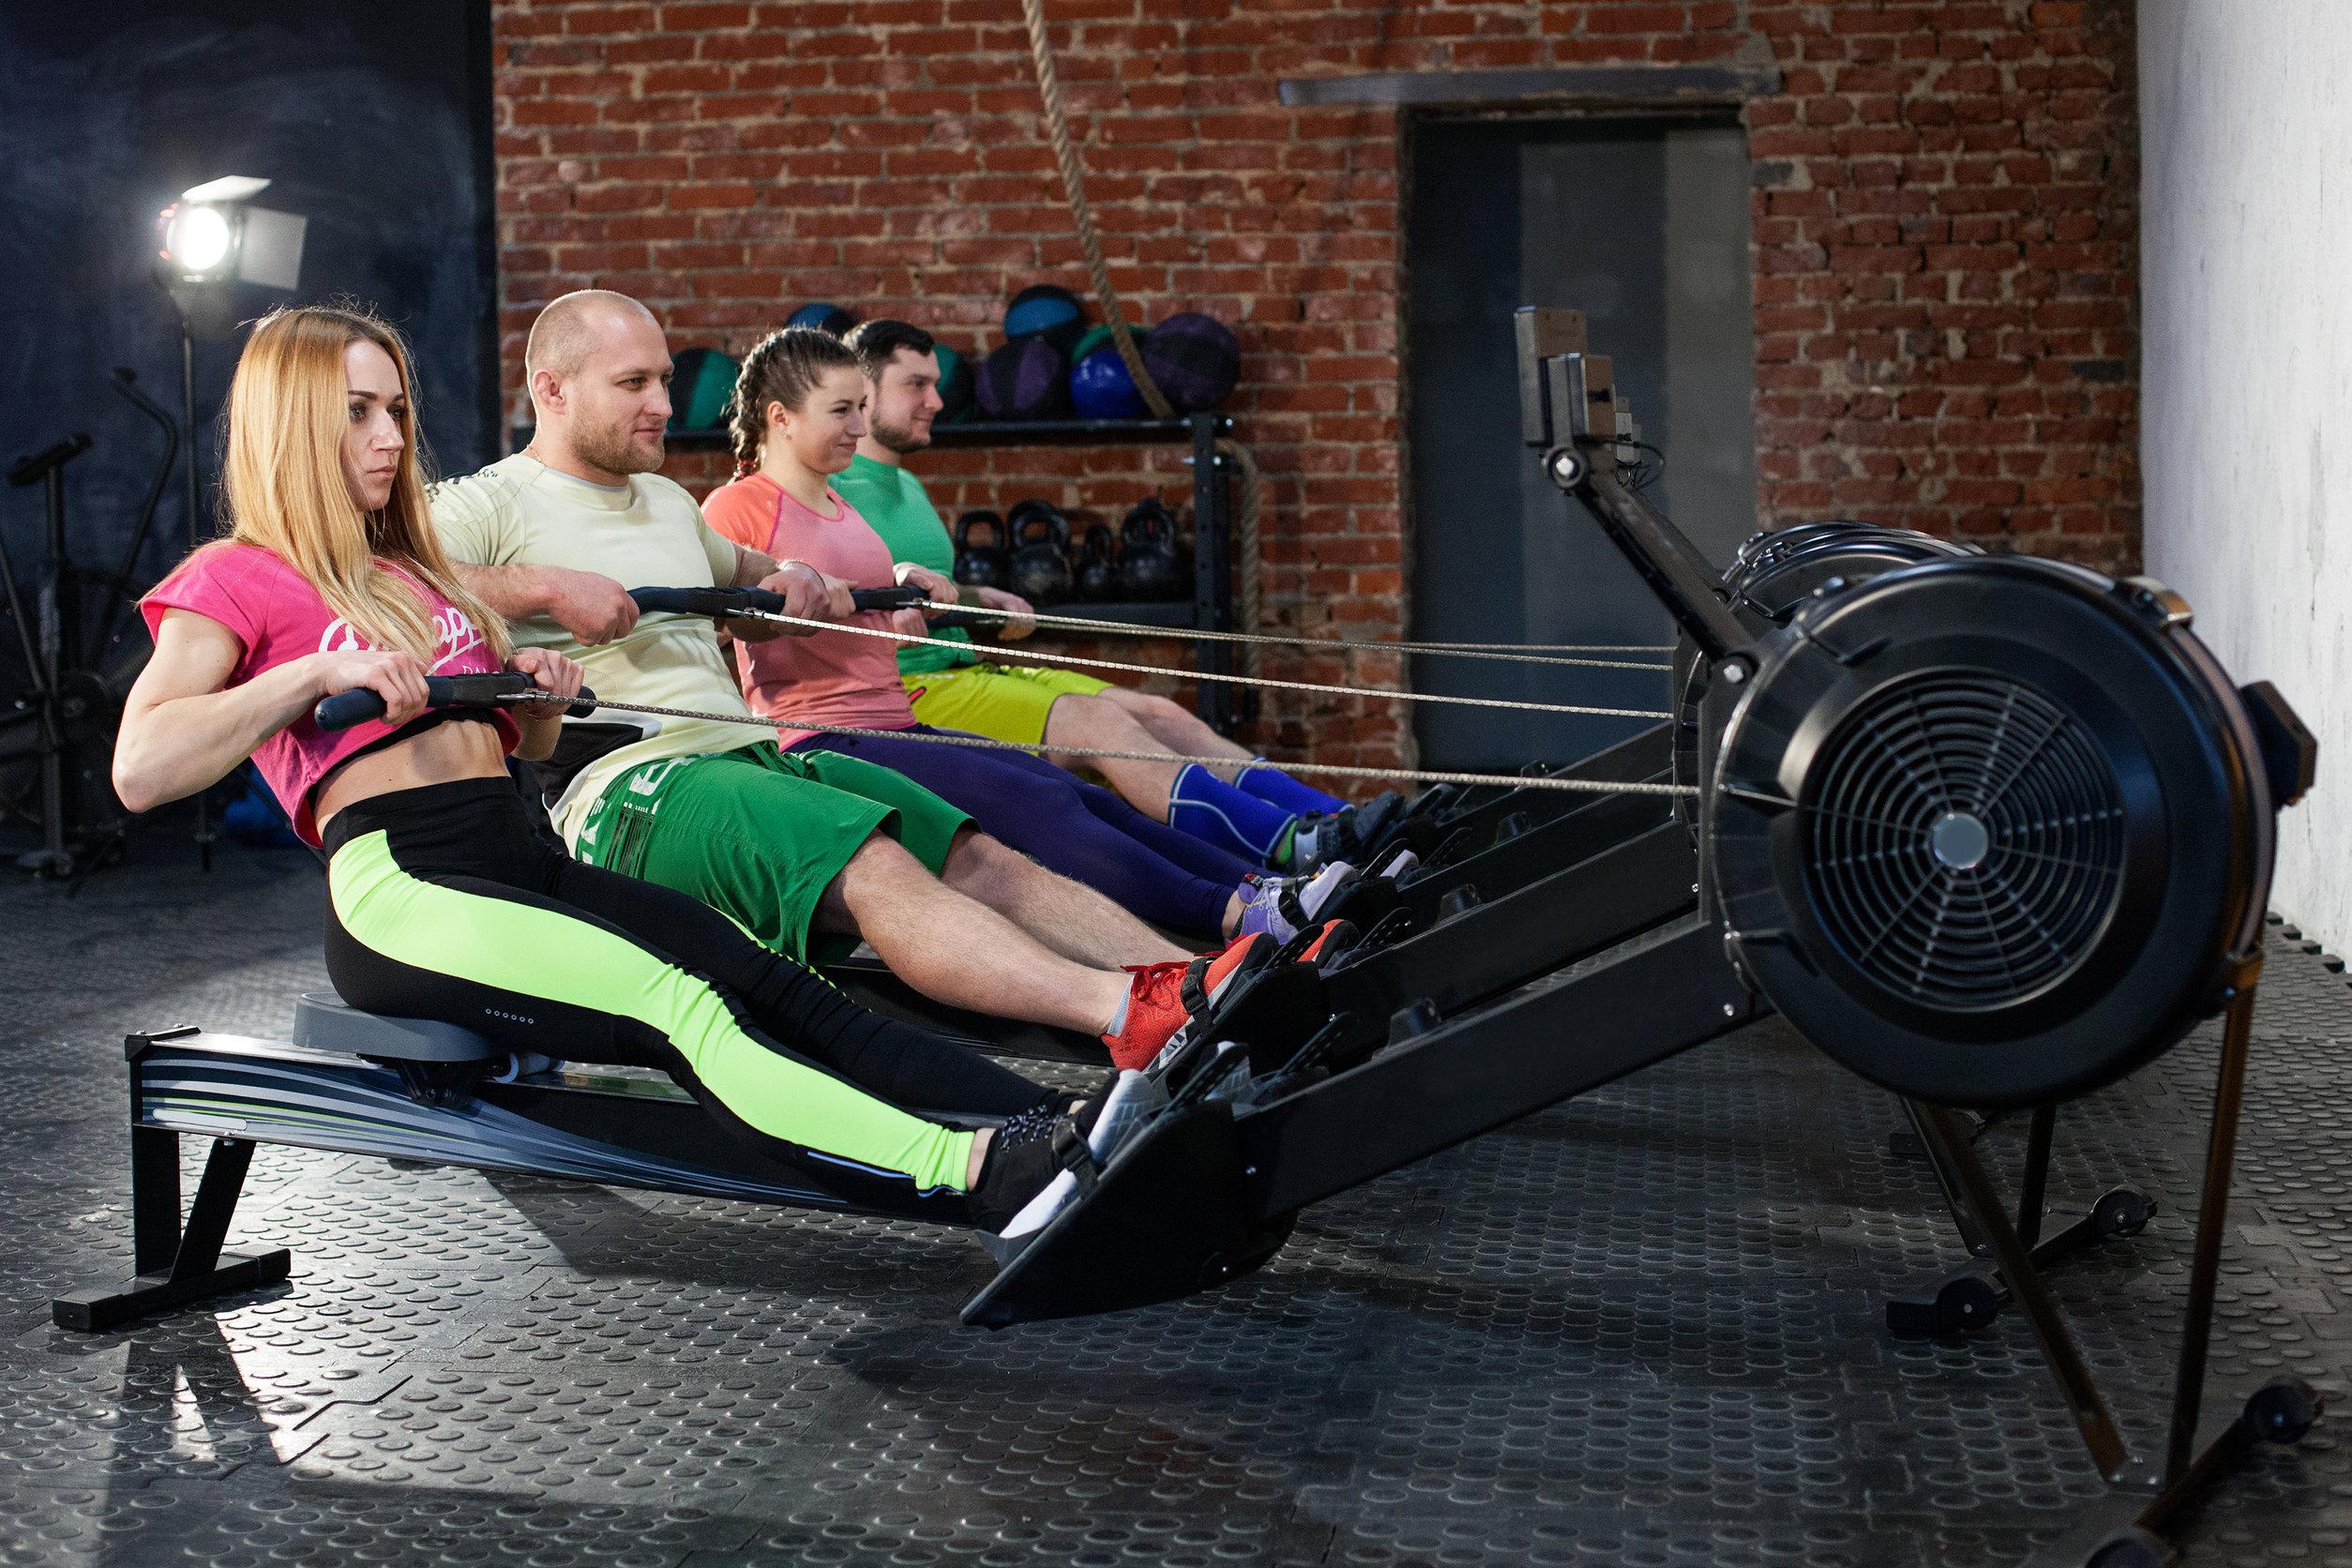 Grupo de pessoas na academia fazendo exercício físico no simulador de remo